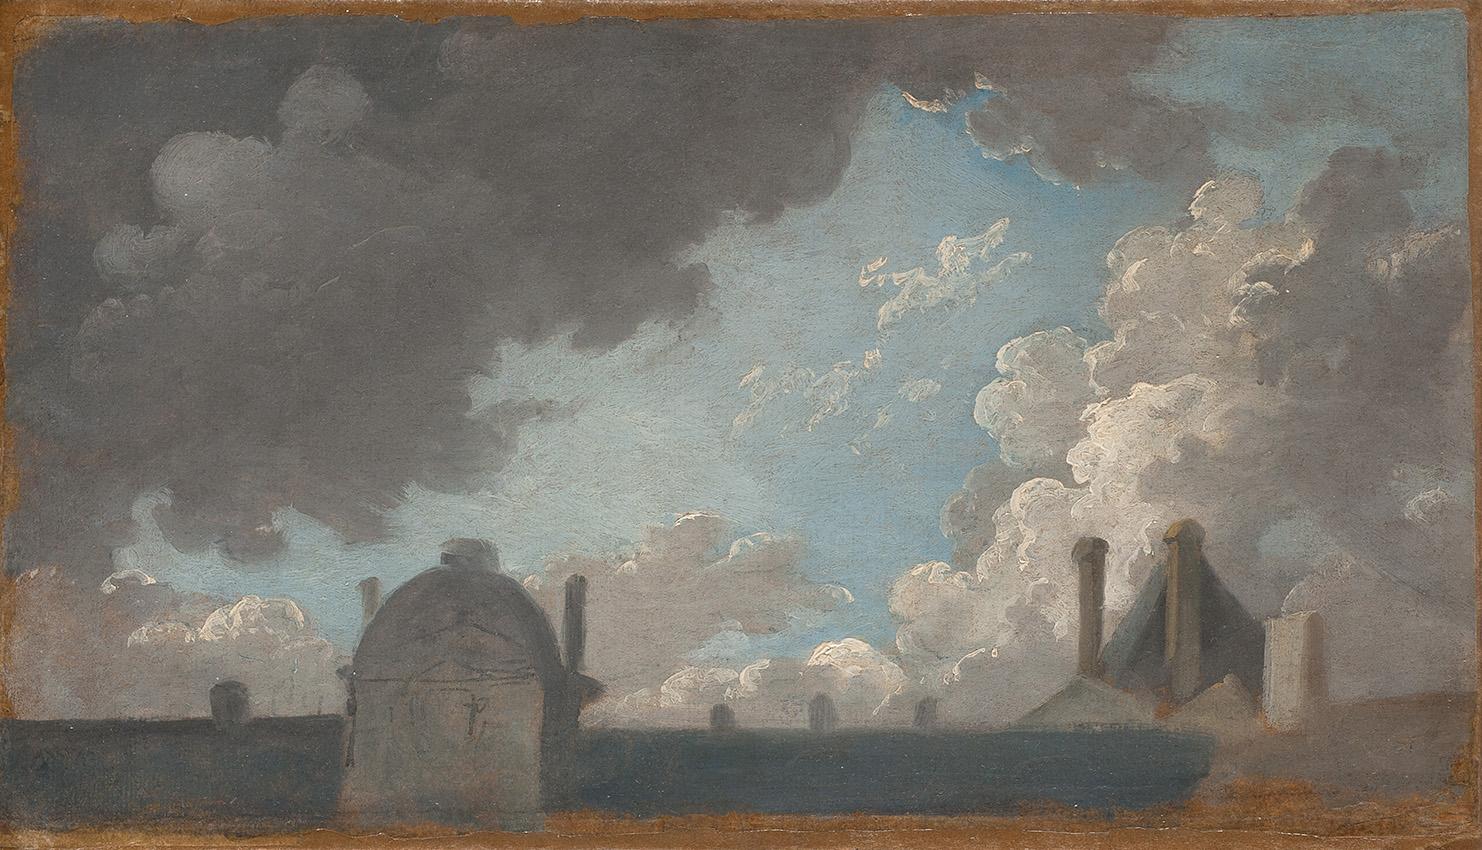 Pierre-Antoine Demachy (1723-1807), Nuages au-dessus des toits du Louvre (Clouds Over the Rooftops of Louvre) c. 1769-1785, oil on paper,